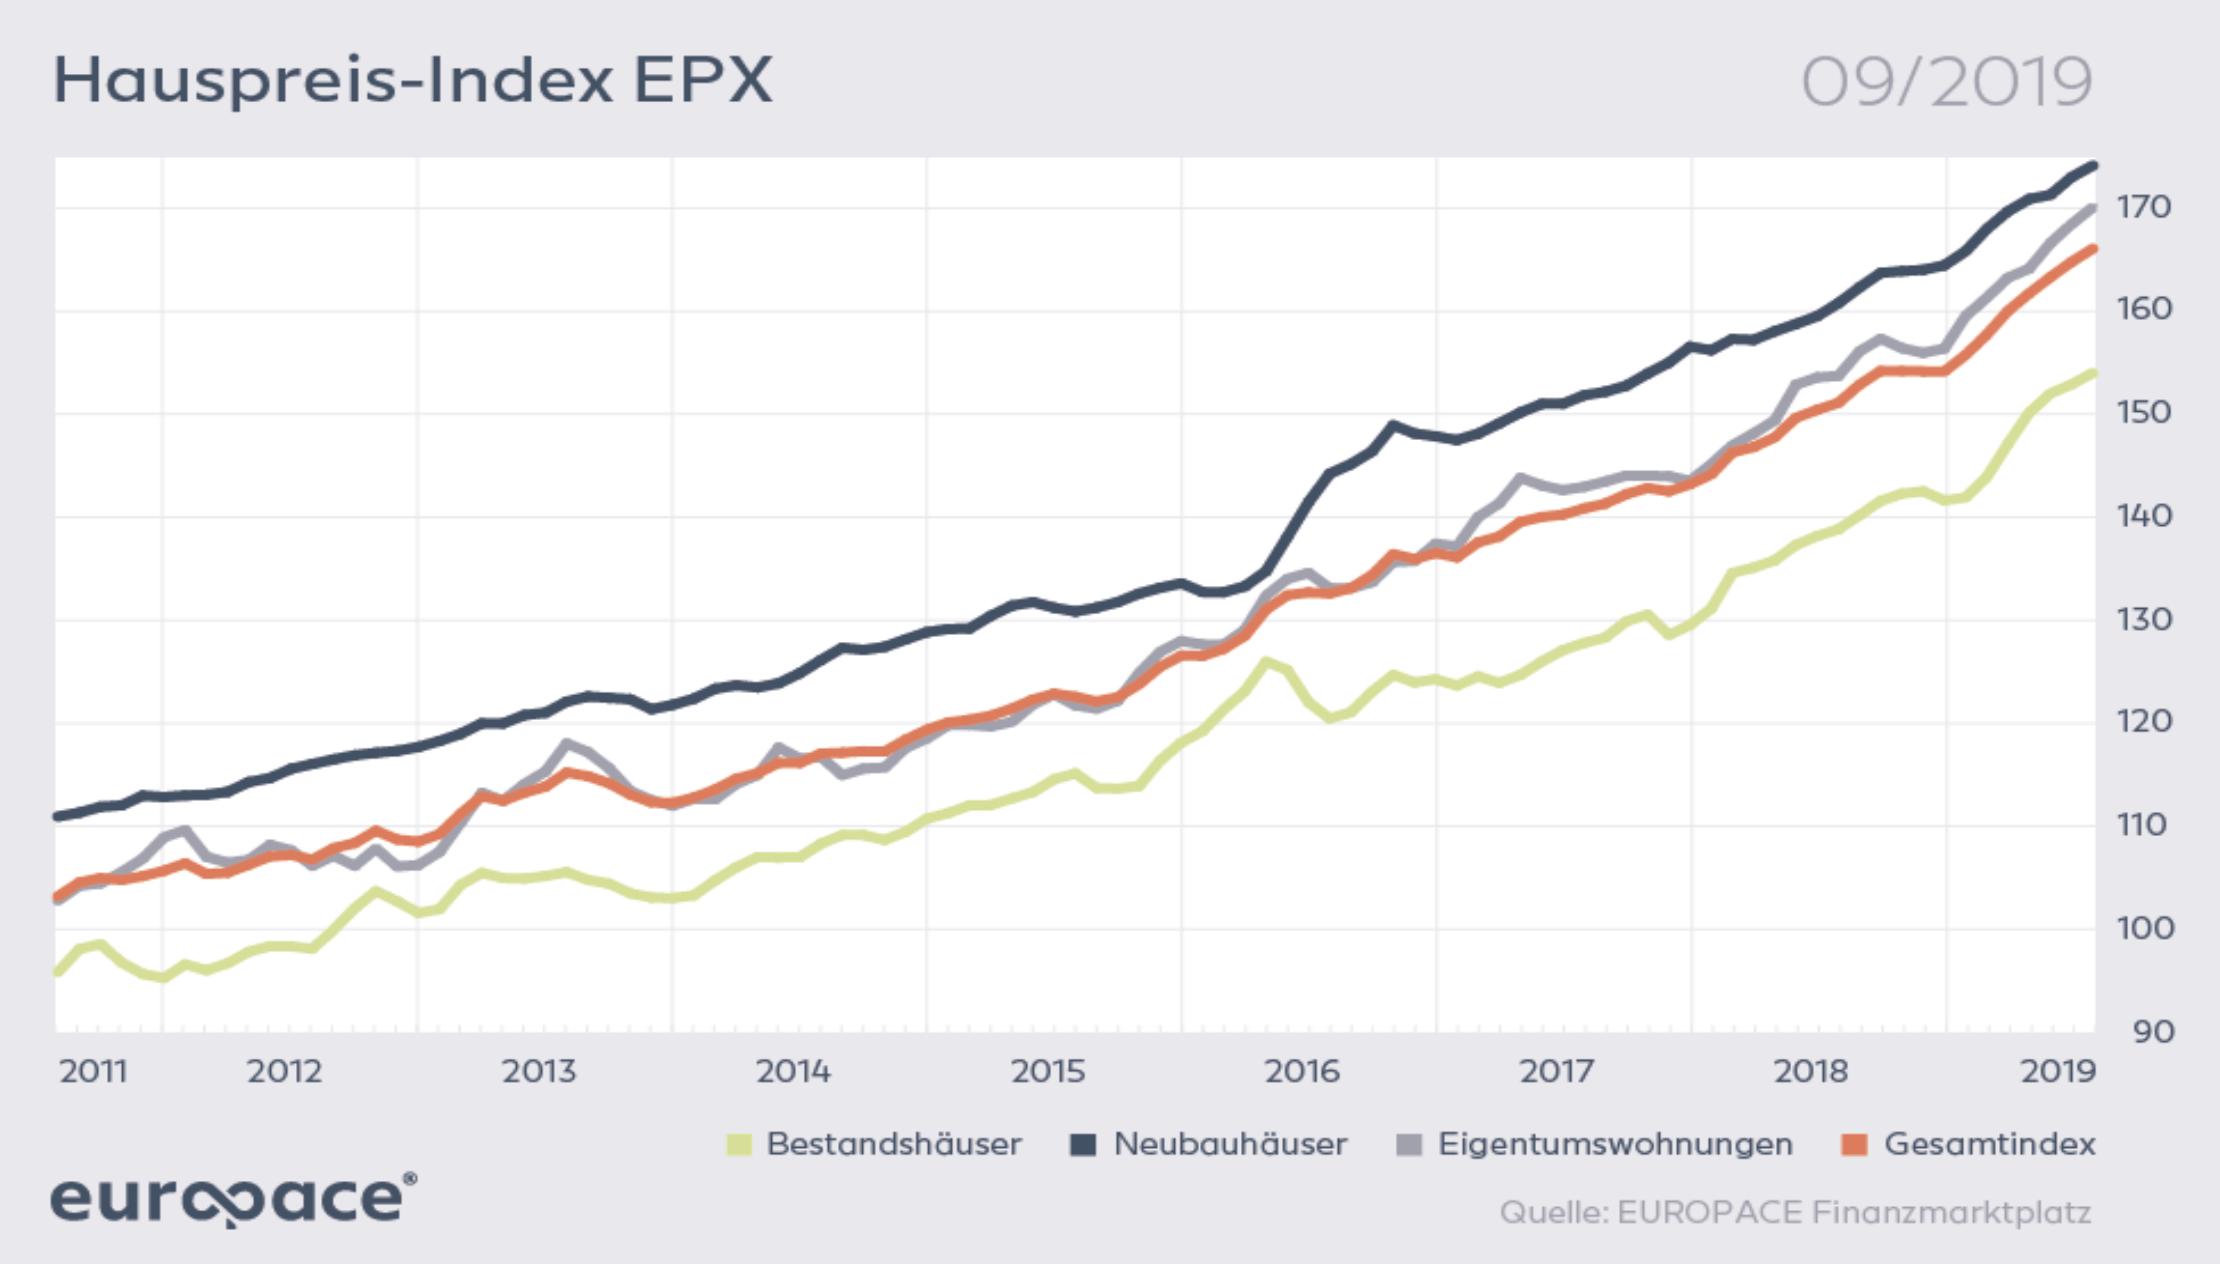 Preise für Immobilien boomen weiter - Europace Hauspreisindex